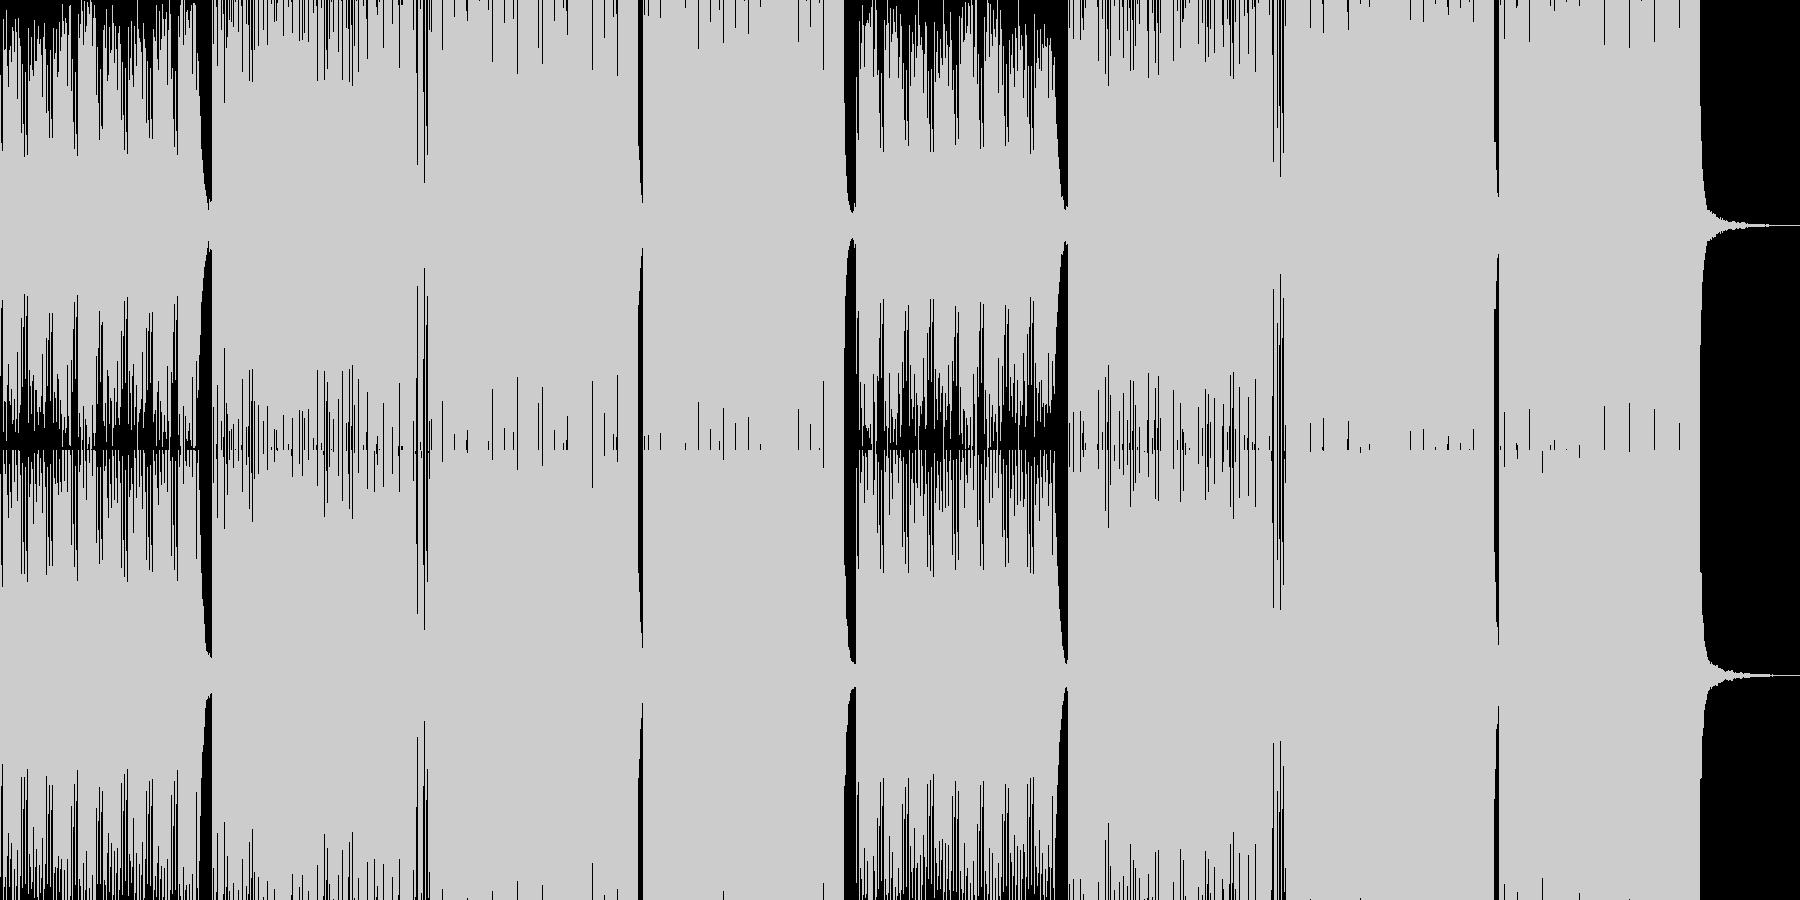 ノイズとビートの底抜けにクールな、st…の未再生の波形